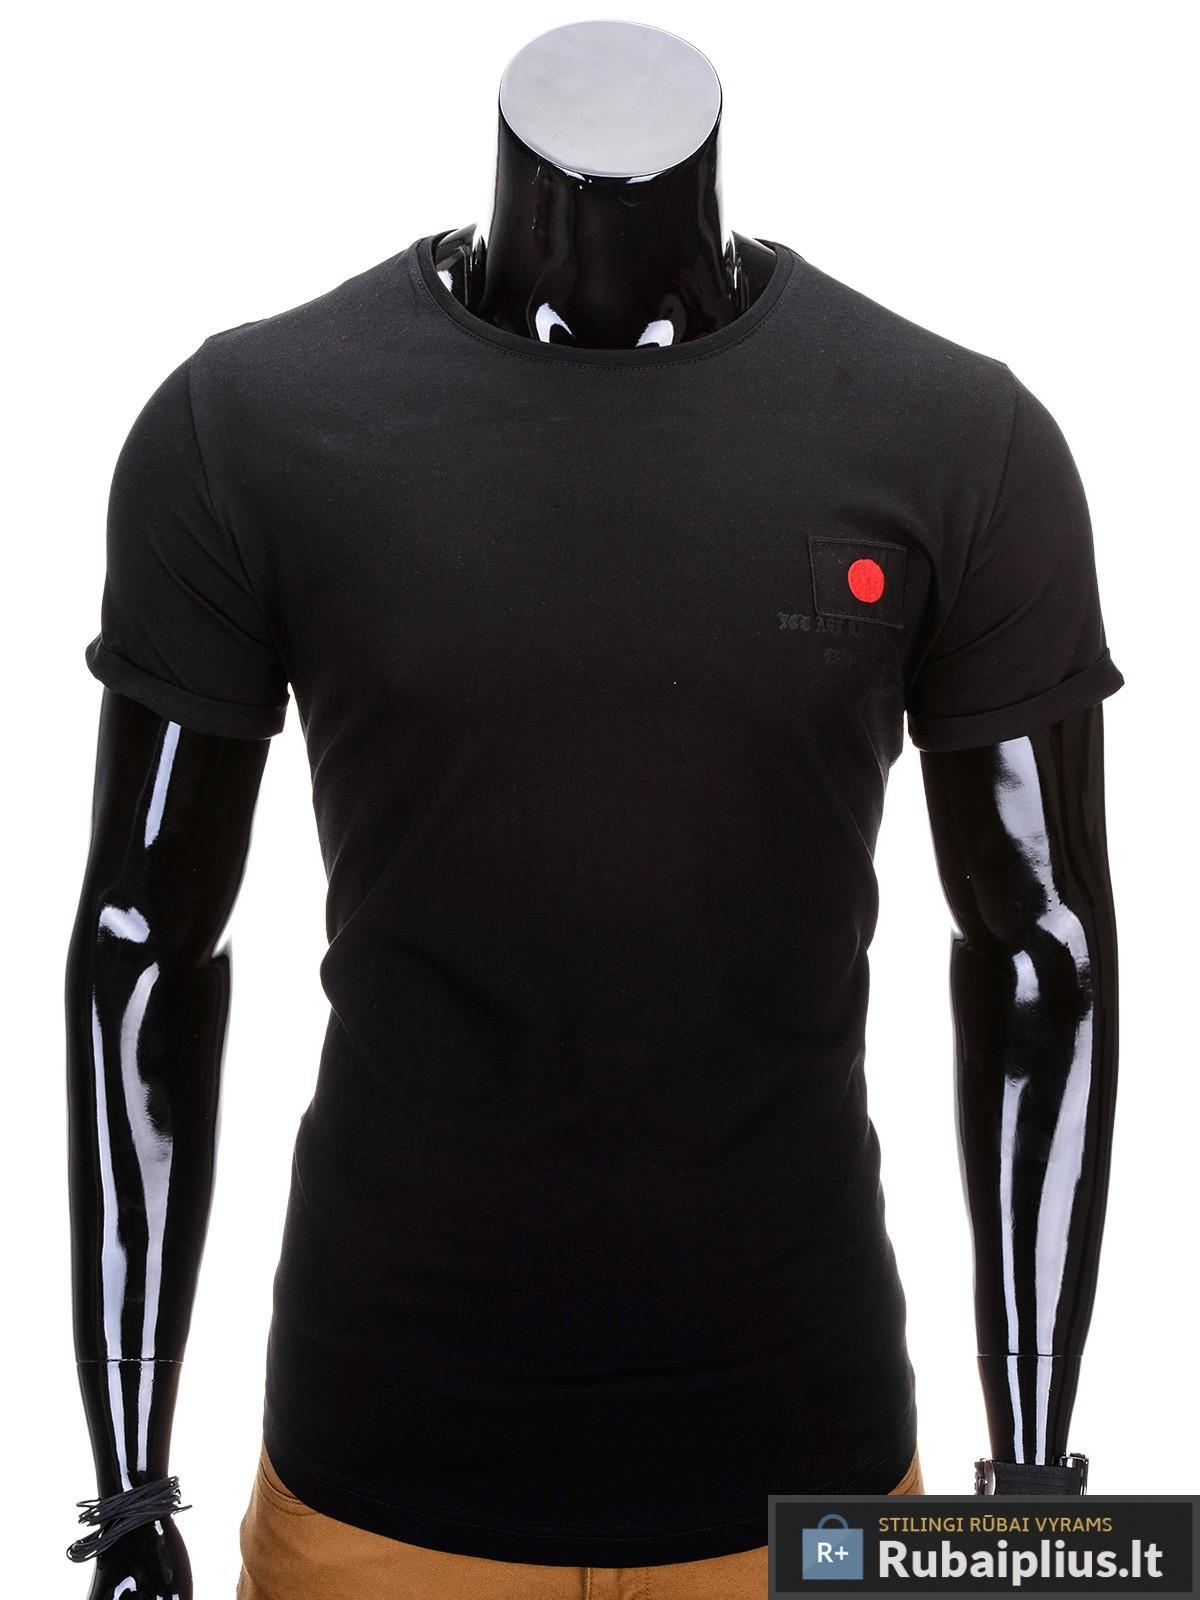 marškinėliai su hieroglifais, madingi vyriški marškinėliai juodos spalvos, denim kolekcijos vyriški marškinėliai, trumpomis rankovėmis marškinėliai vyrams, klasikiniai vyriški marškinėliai, stilingi marškinėliai vyrams internetu, originalūs vyriški marškinėliai, marškinėliai vyrams spalvos, vyriški marškinėliai su užrašu ir aplikacija, stilingi marškinėliai uz gera kaina, protinga kaina, akcija, nuolaidos rūbams